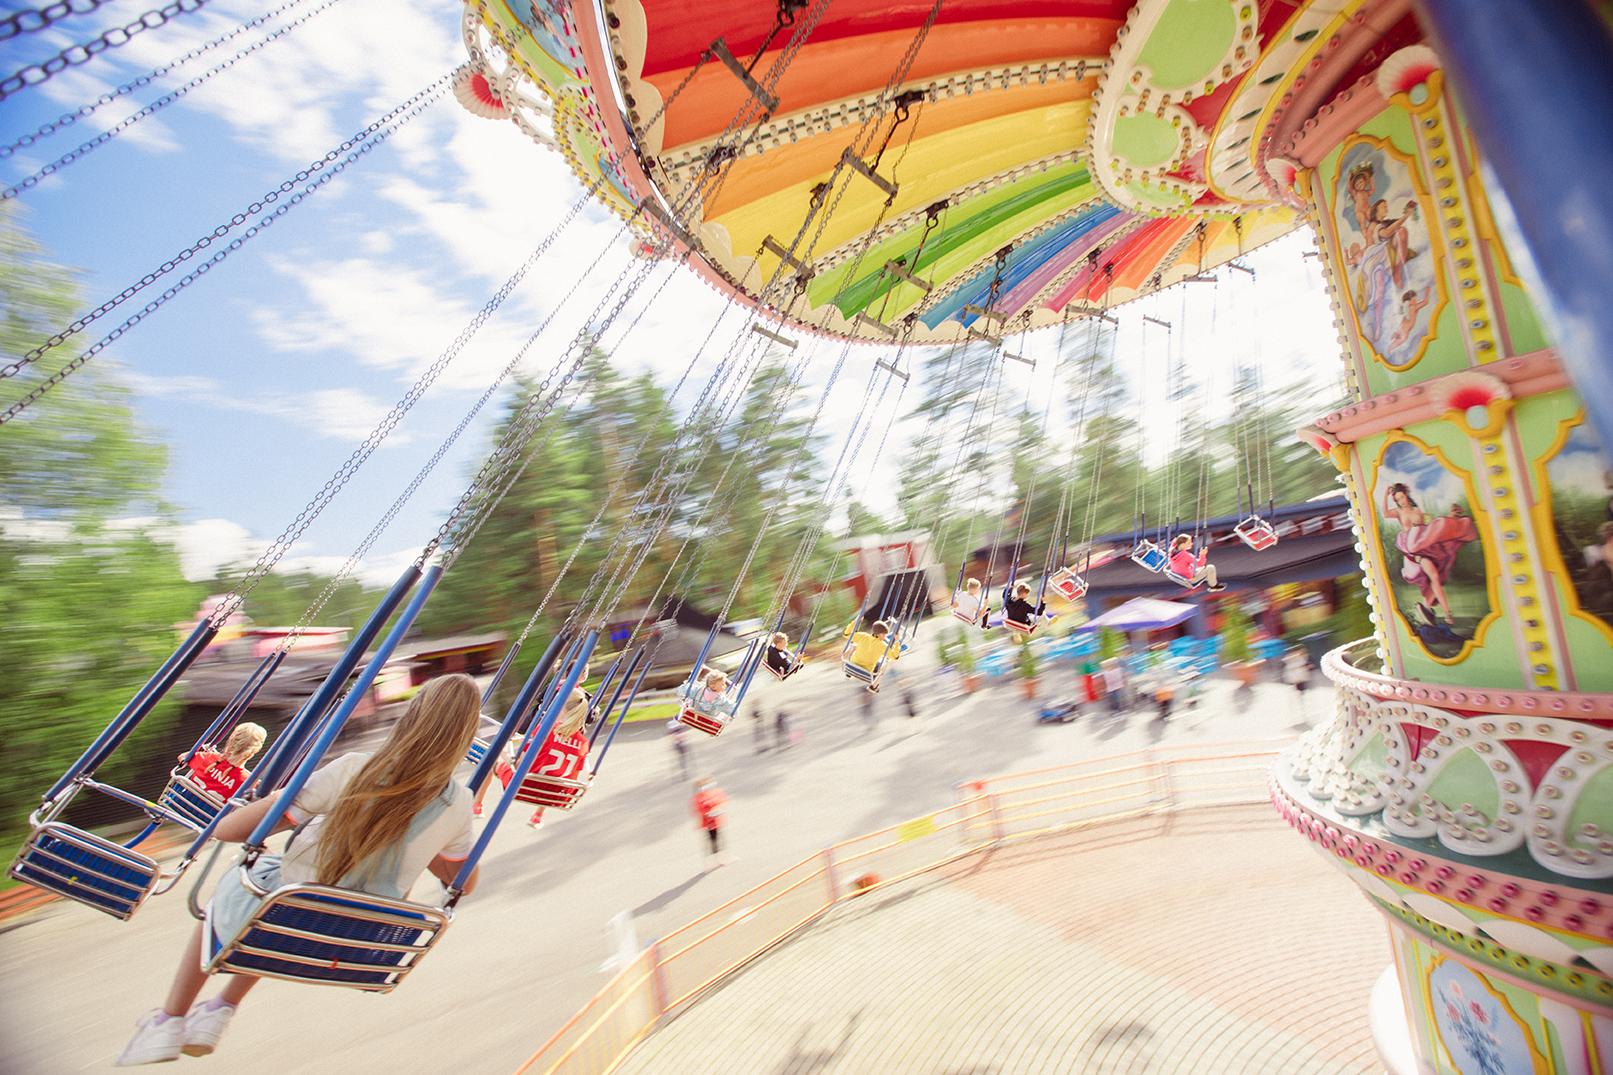 Tykkimäen huvipuiston tunnelmallinen keinukaruselli